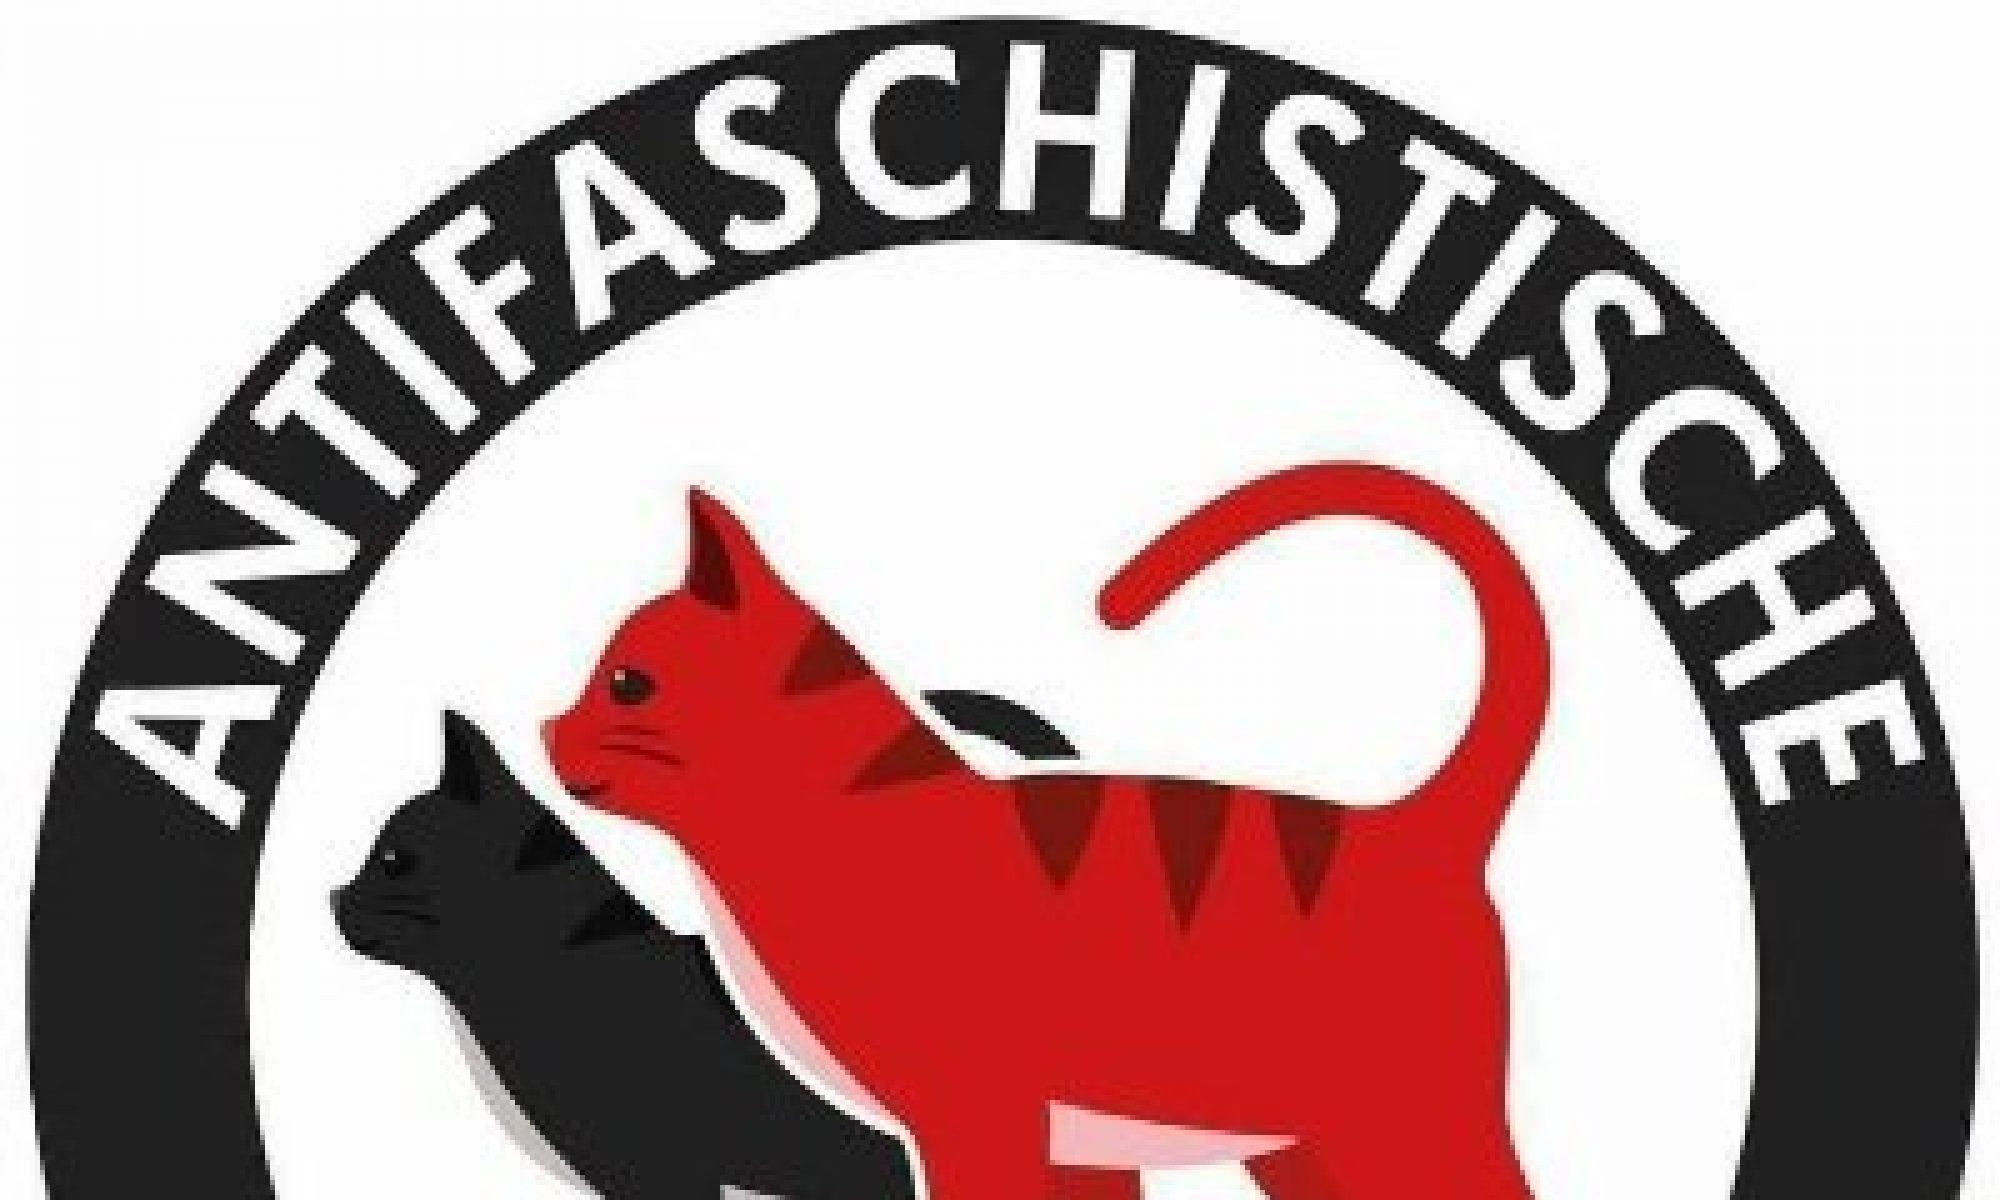 Chicago Antifascist Action